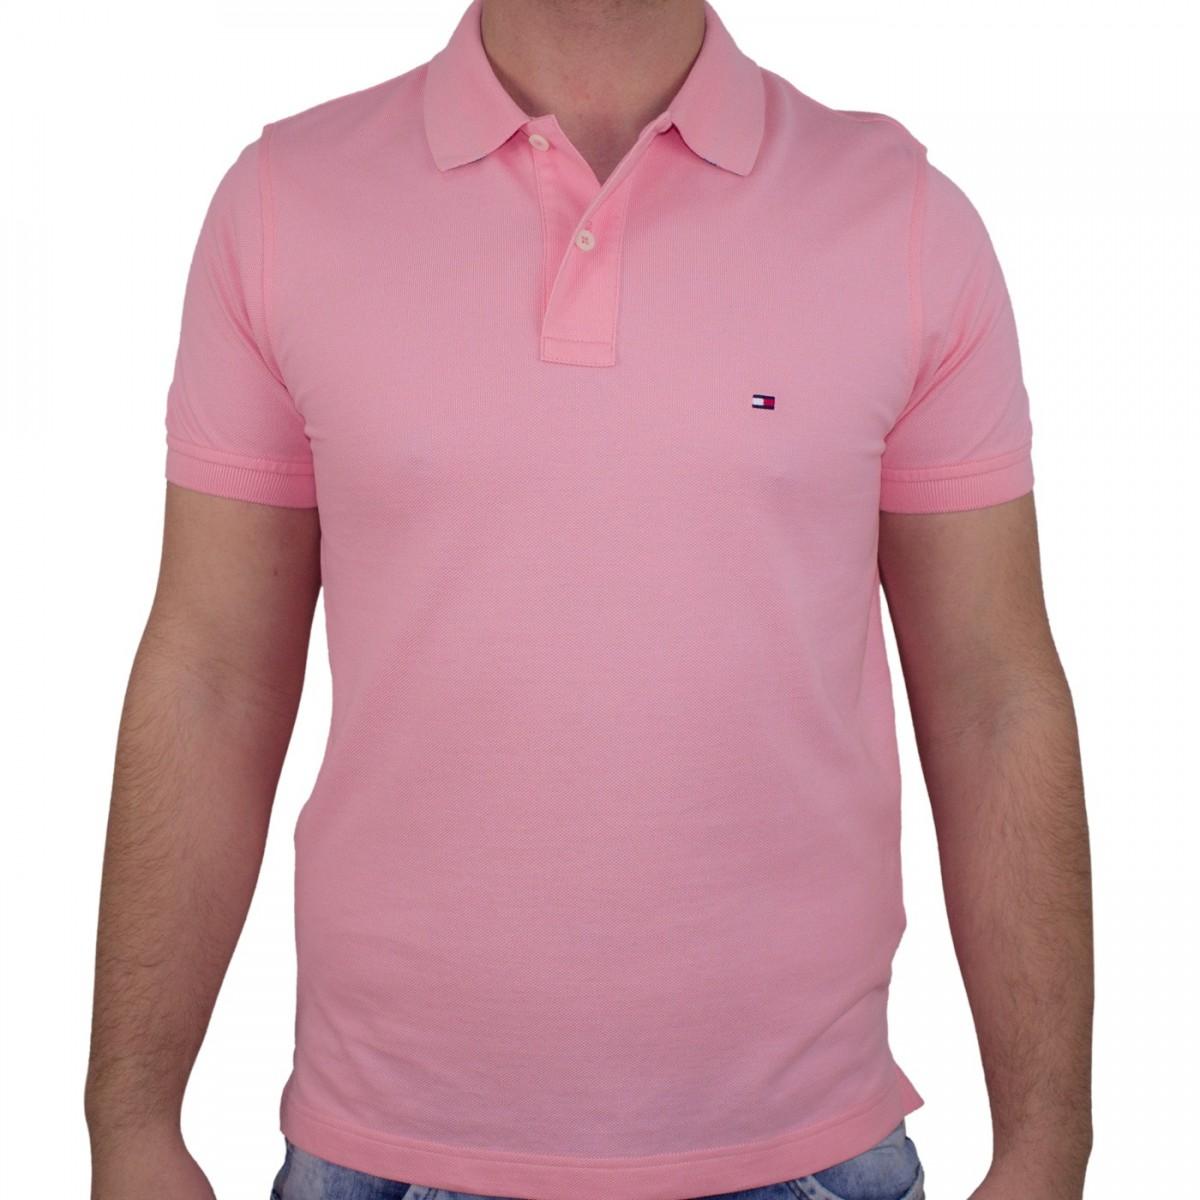 44e21b862 Bizz Store - Camisa Polo Masculina Tommy Hilfiger Slim Manga Curta